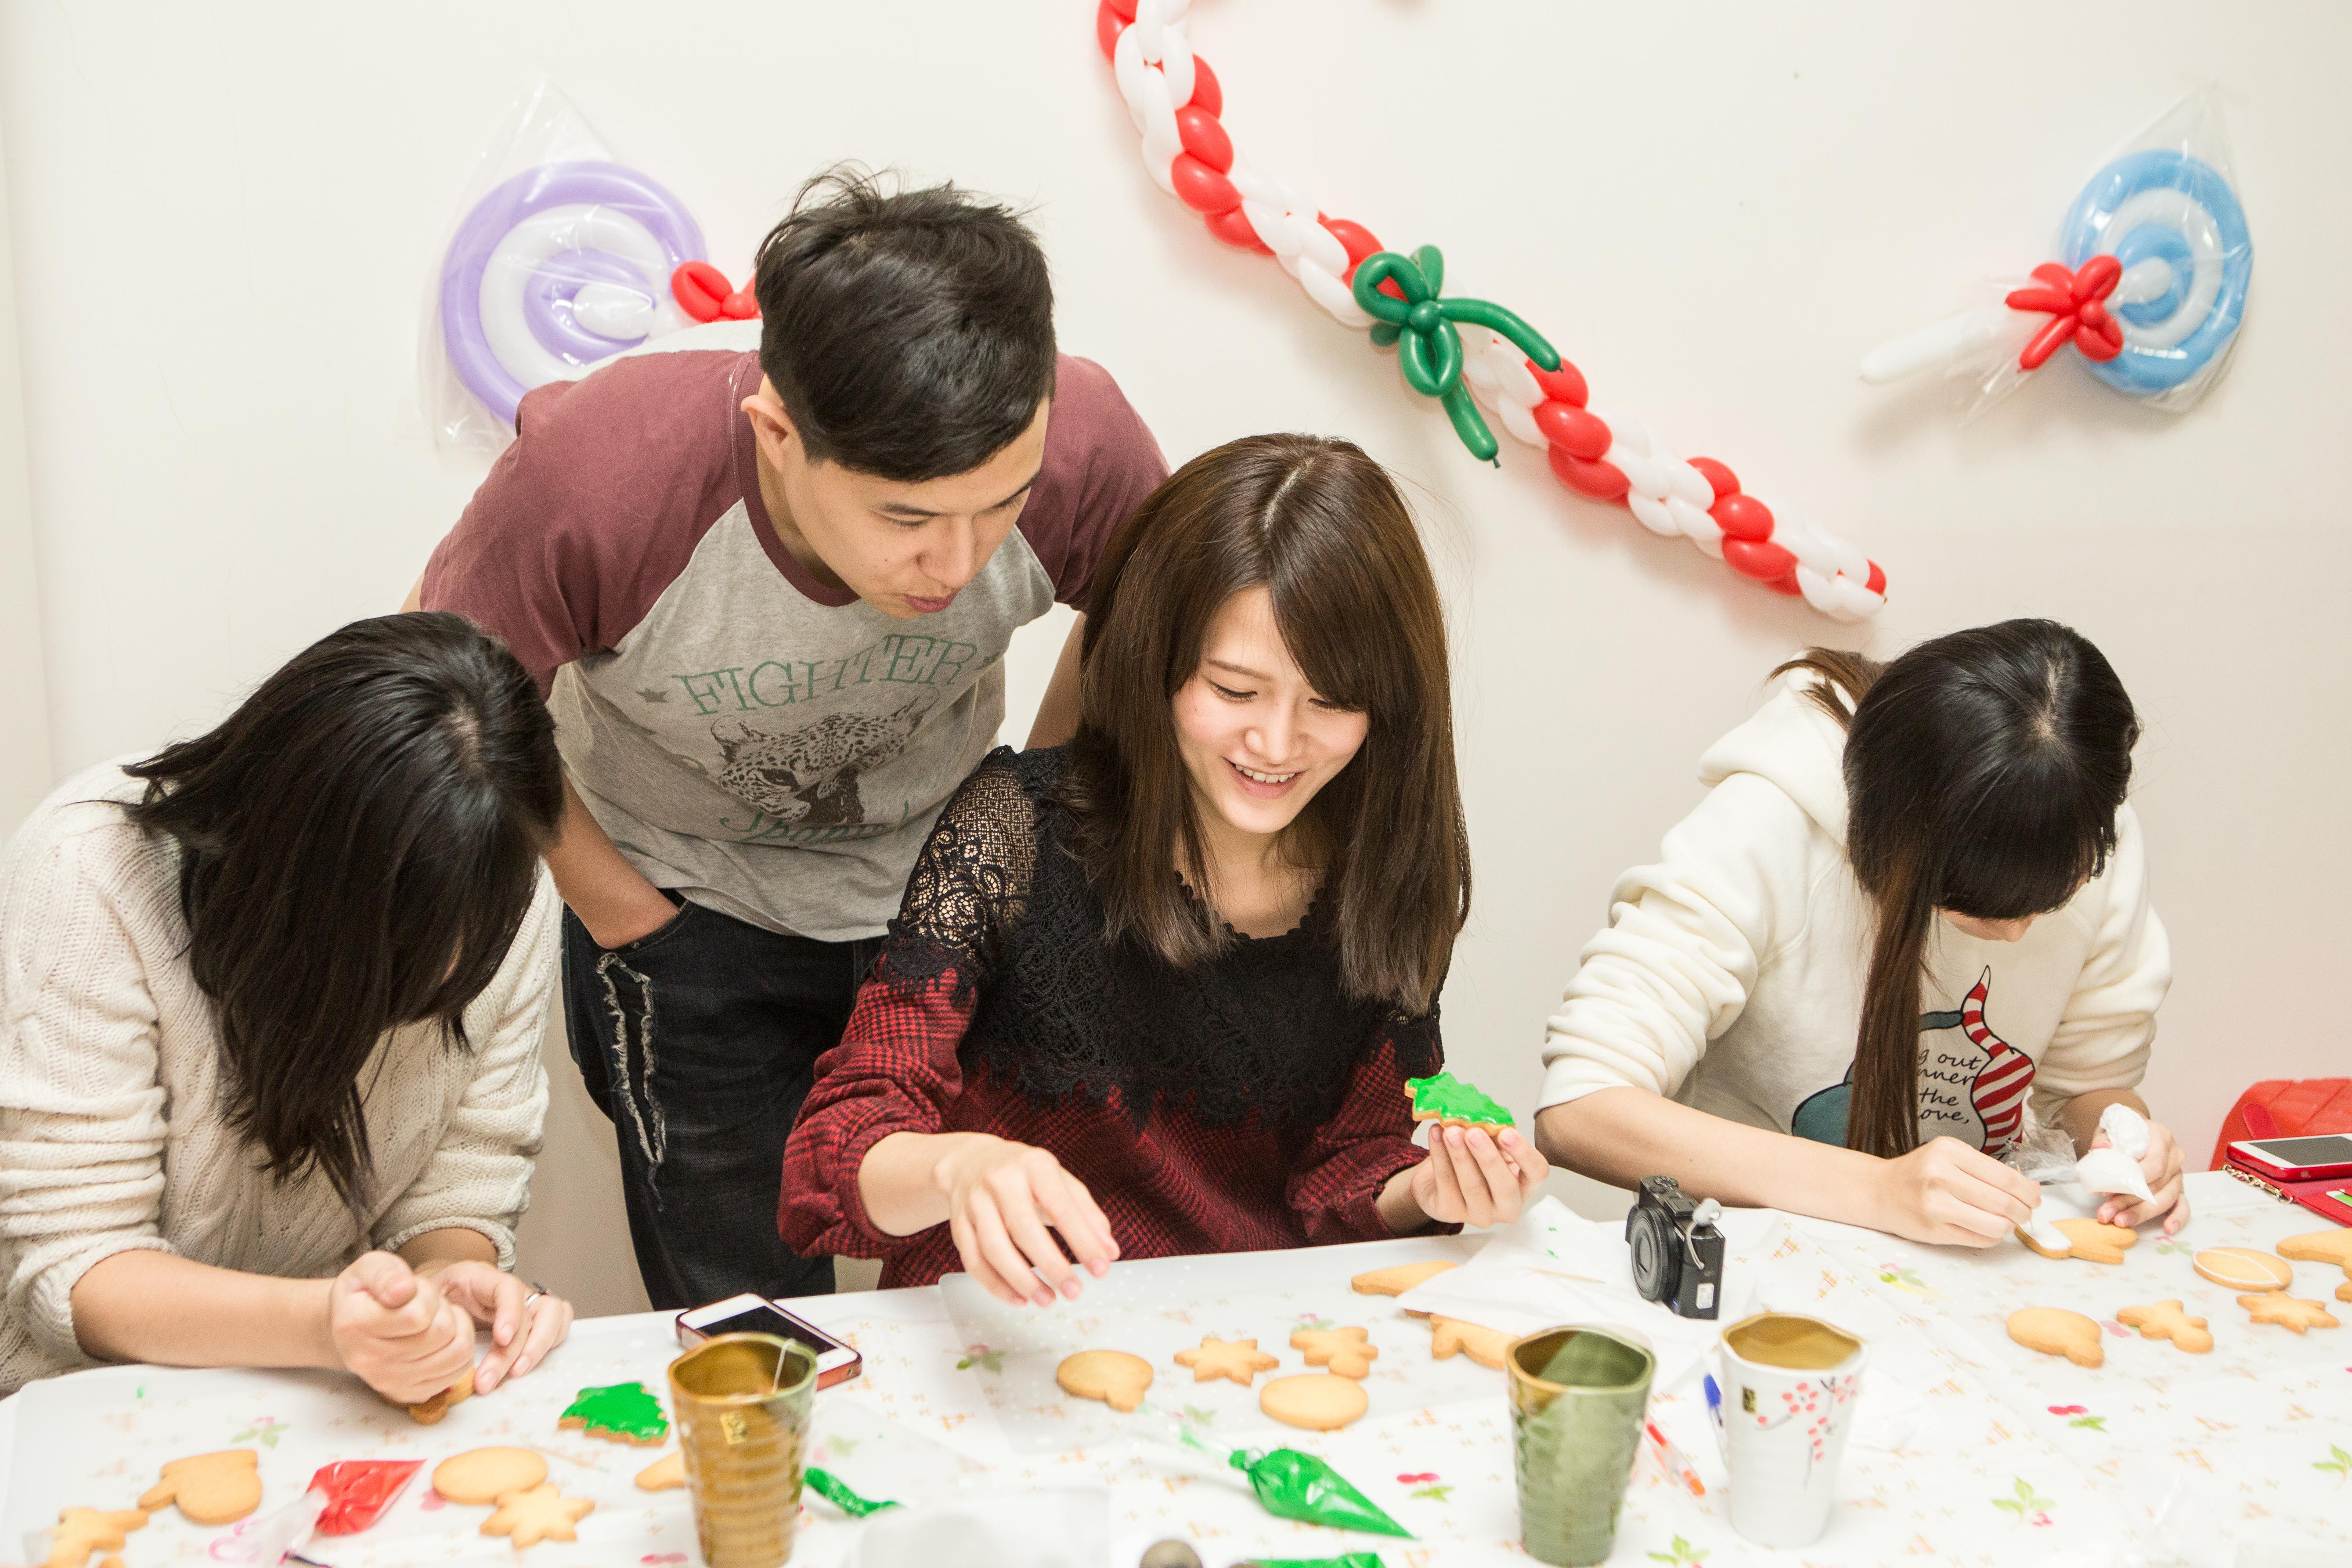 【台北玩樂】Niceday 耶誕糖霜彩繪♥.學起來,以後送禮不苦惱!